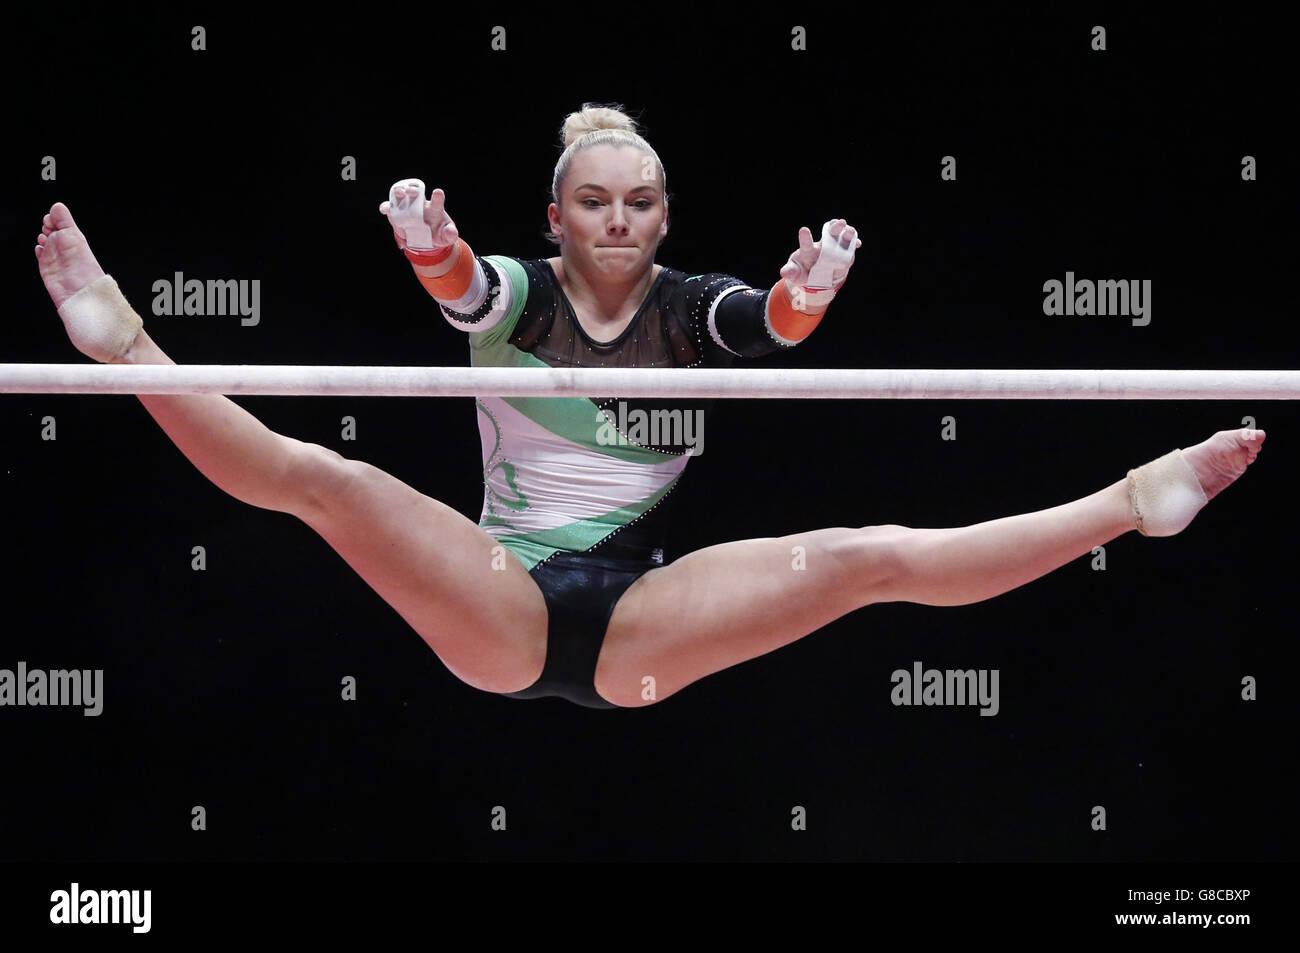 Ginnastica - 2015 Campionati del Mondo - Giorno 2 - la SSE Idro Immagini Stock